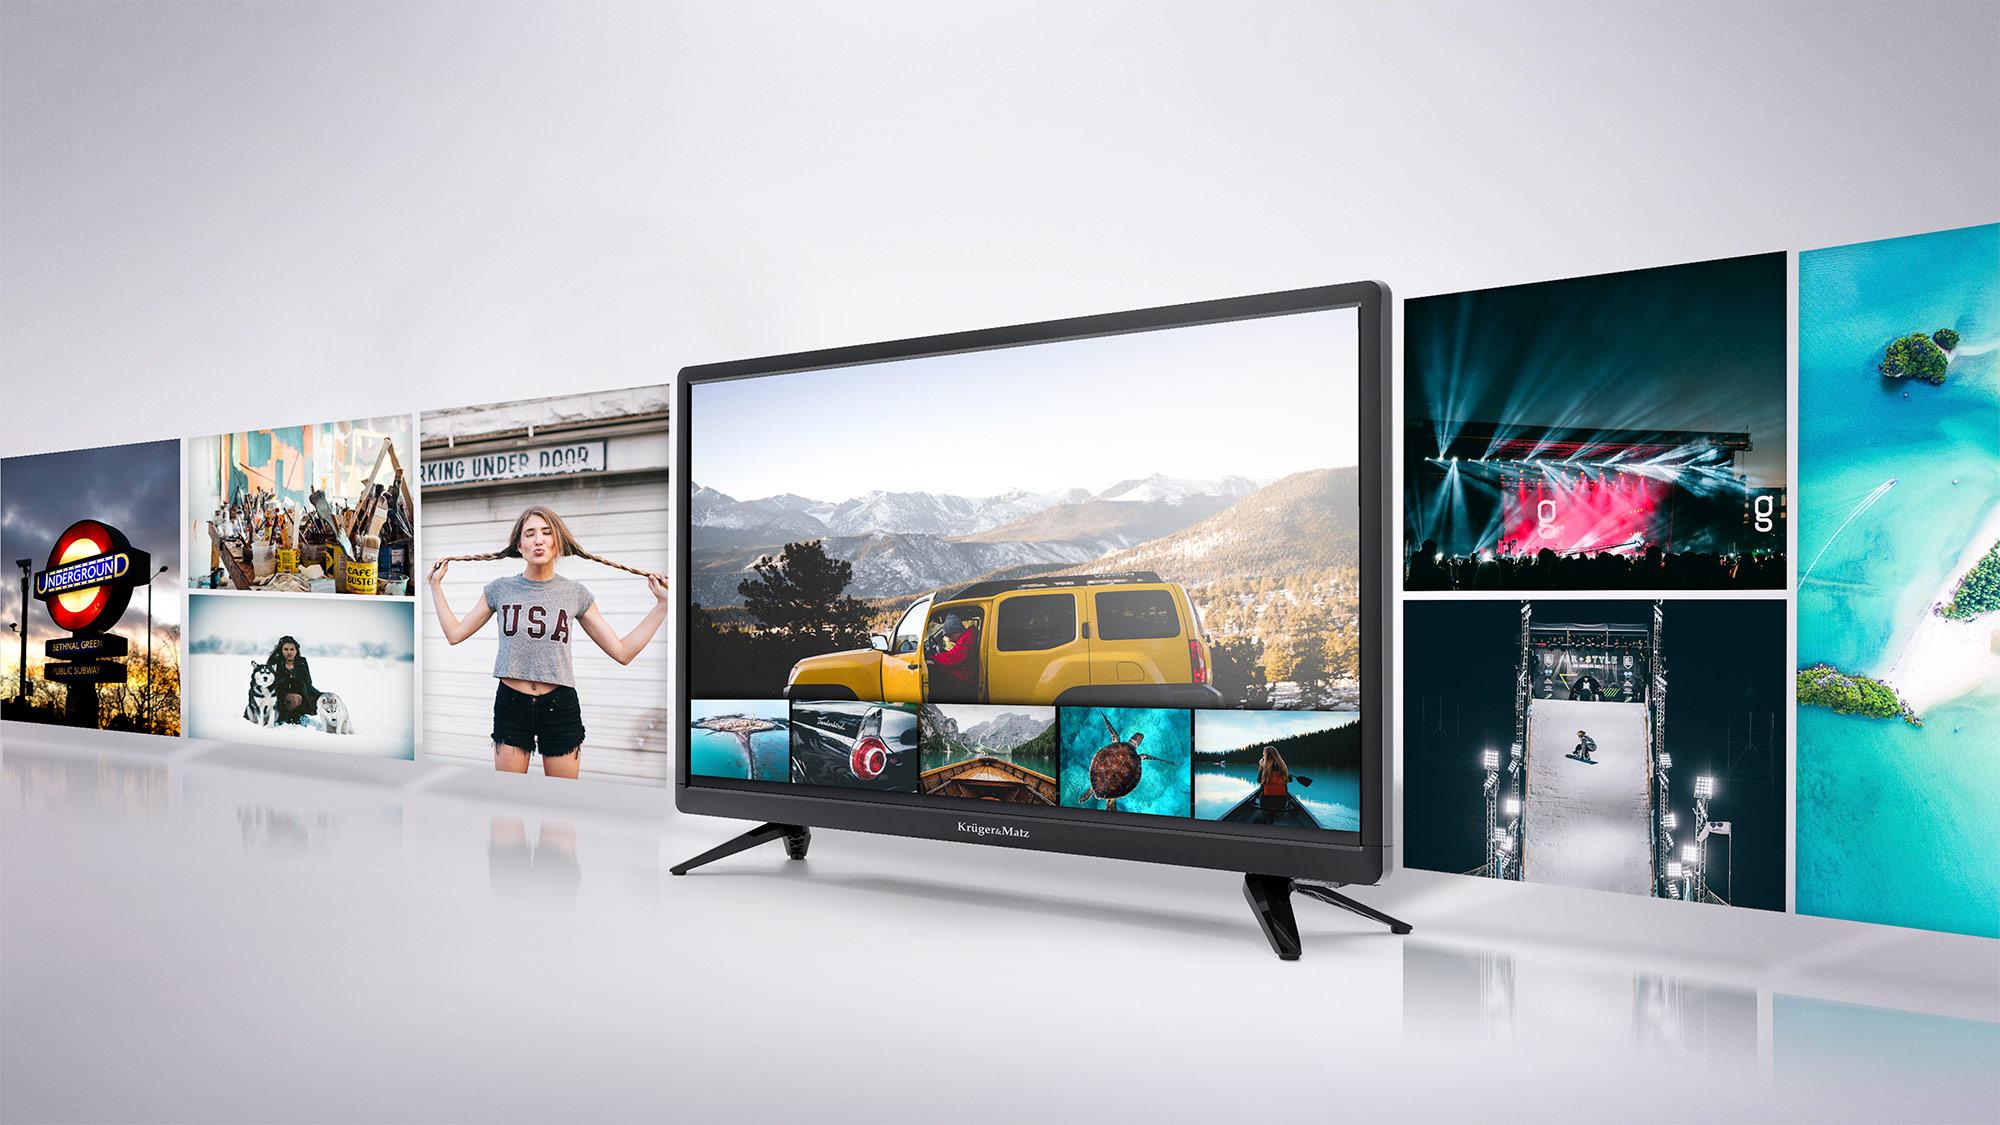 In plus, televizorul tau Kruger&Matz este dotat cu port USB care permite redarea filmelor preferate de pe diverse suporturi media USB, oferind confort si versatilitate.